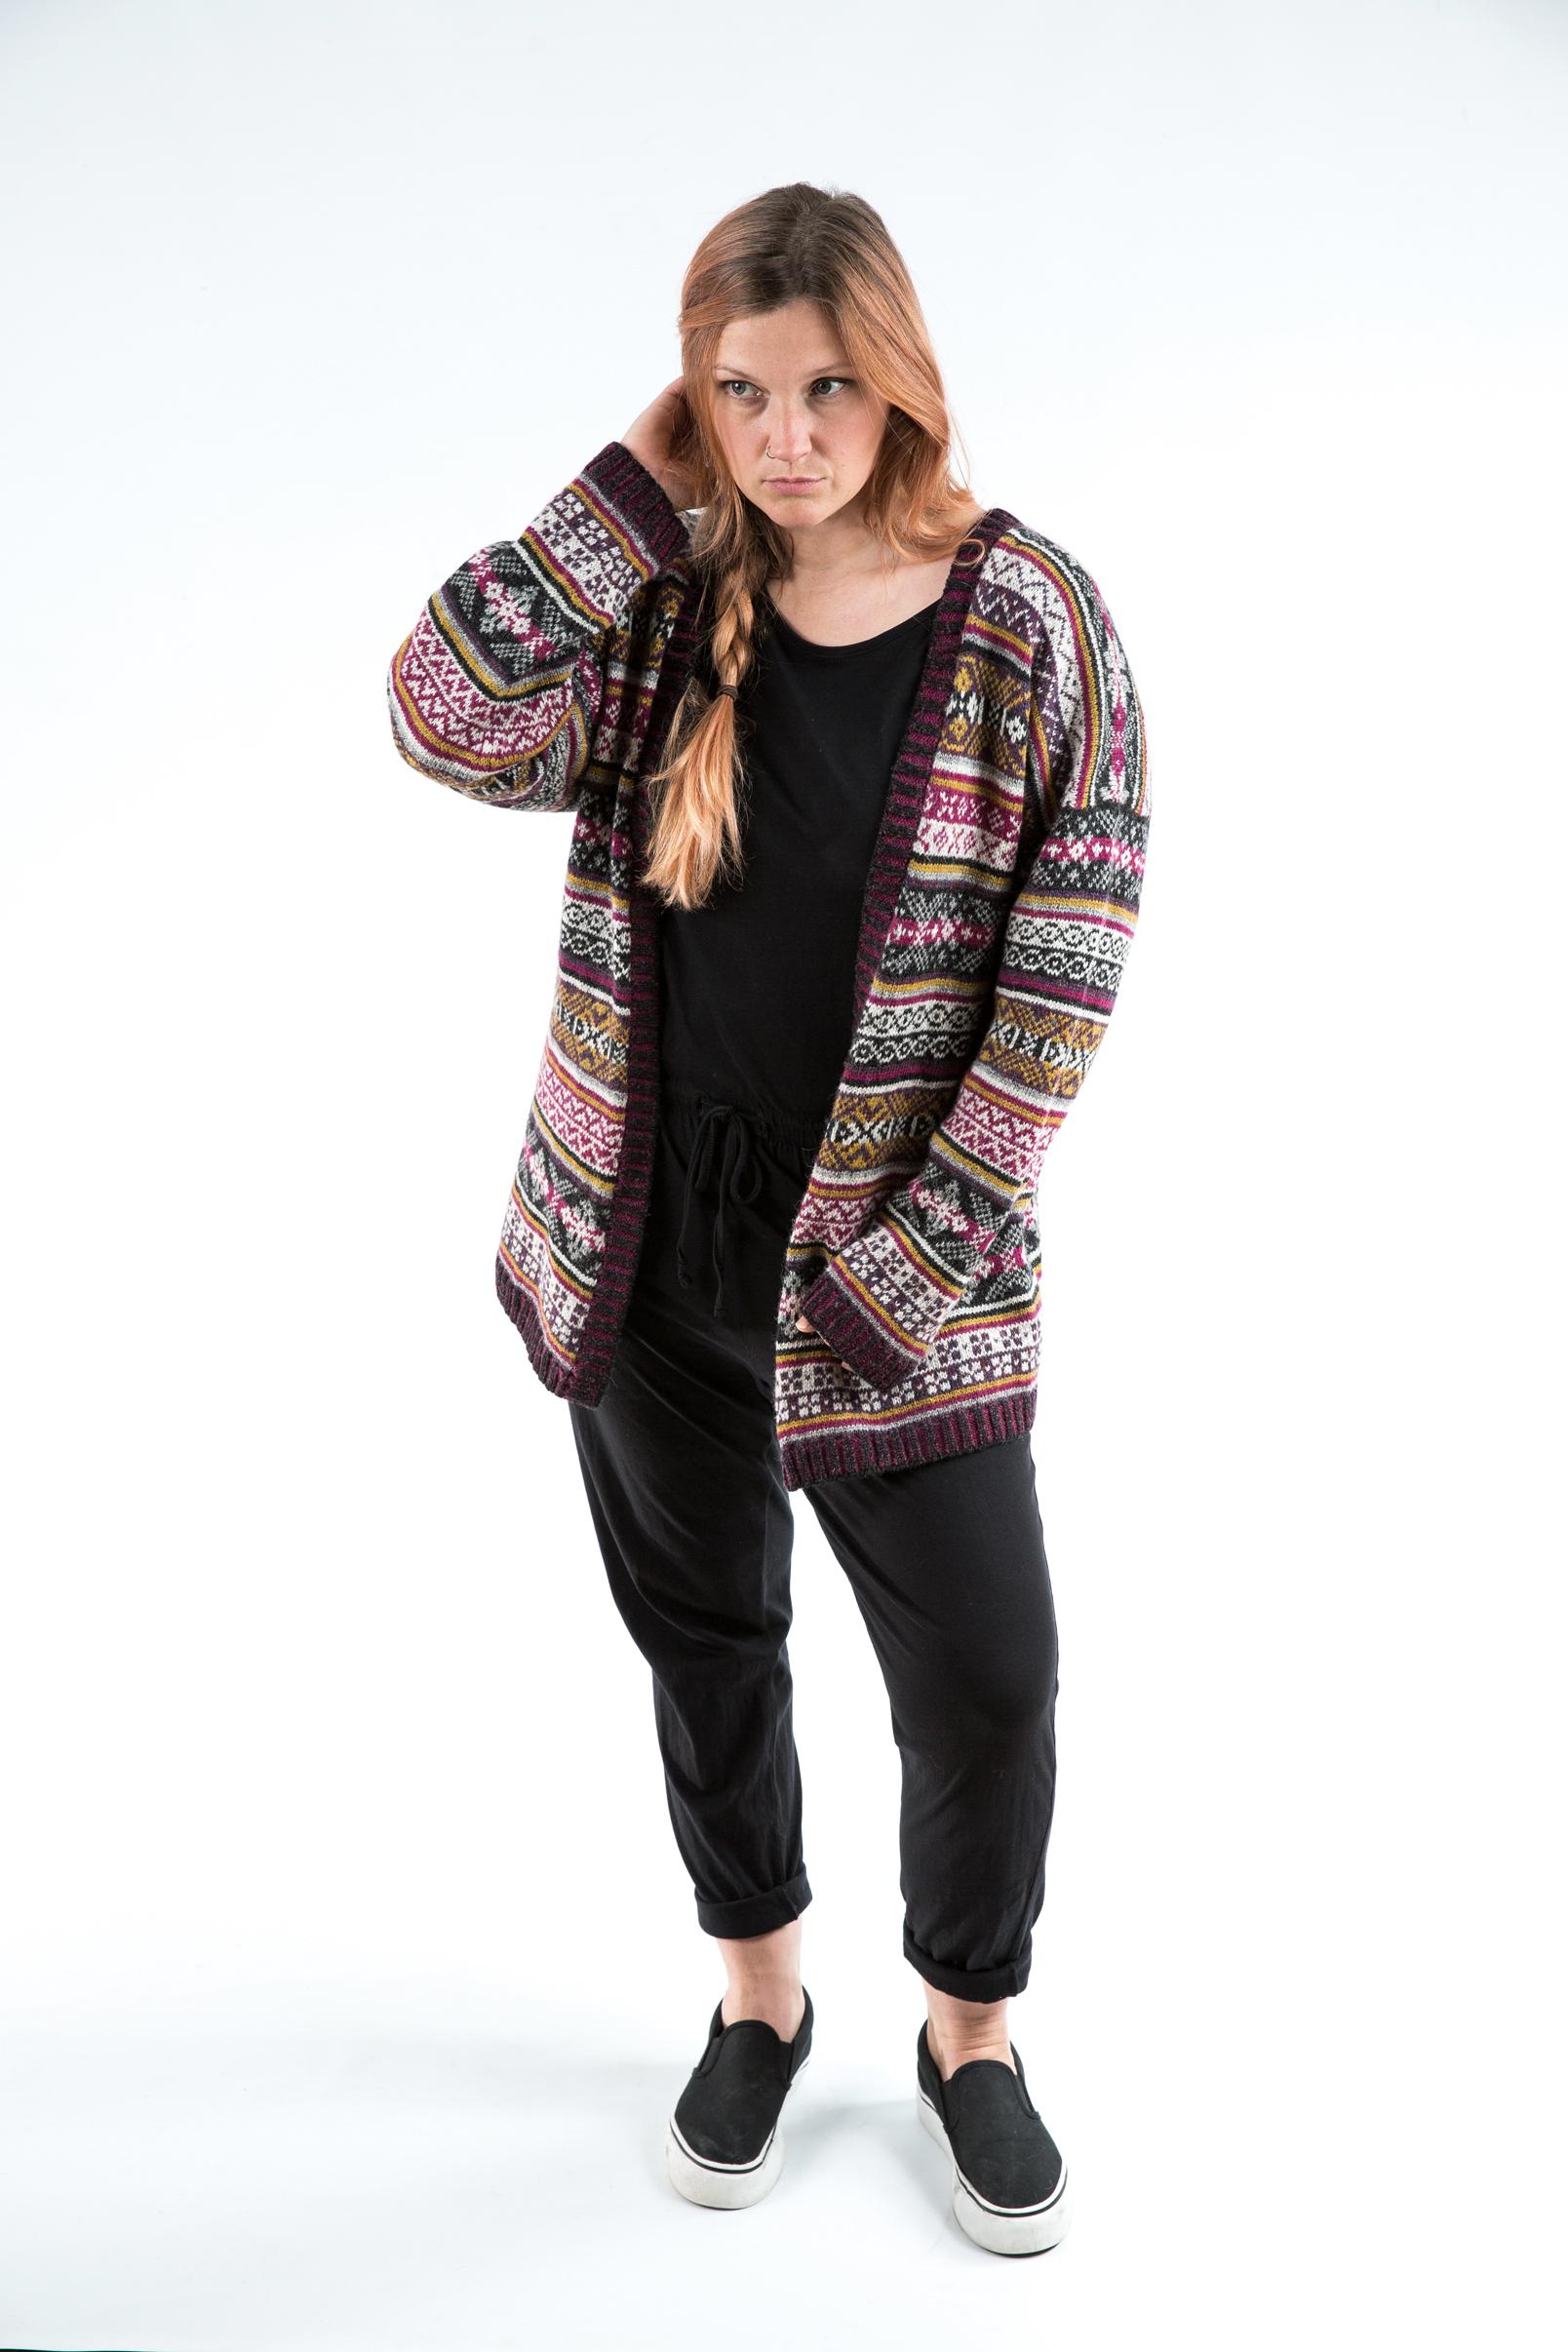 Lea x Sea - oversized cardigan